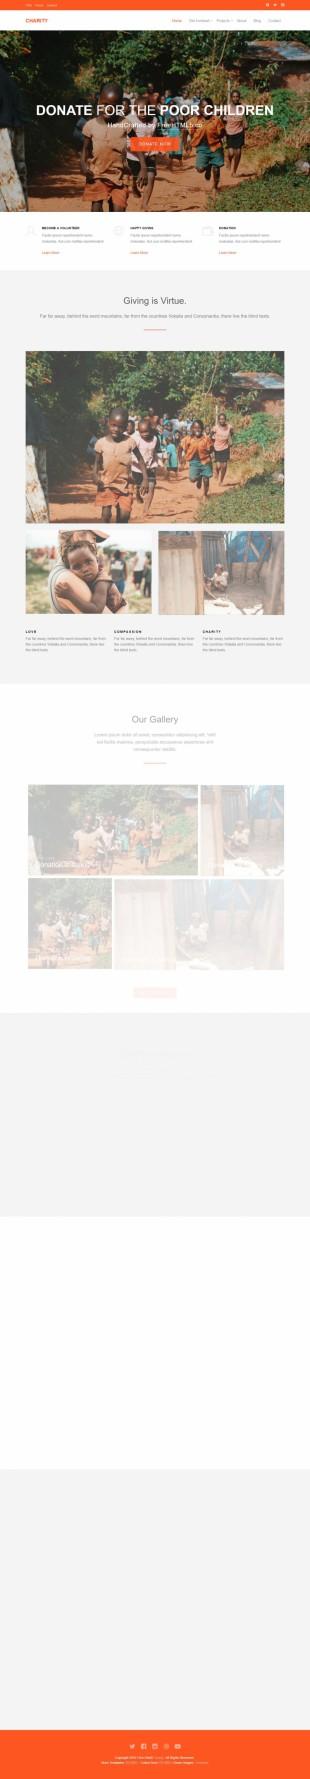 橙色大气儿童公益组织英文网站建设模板电脑图片